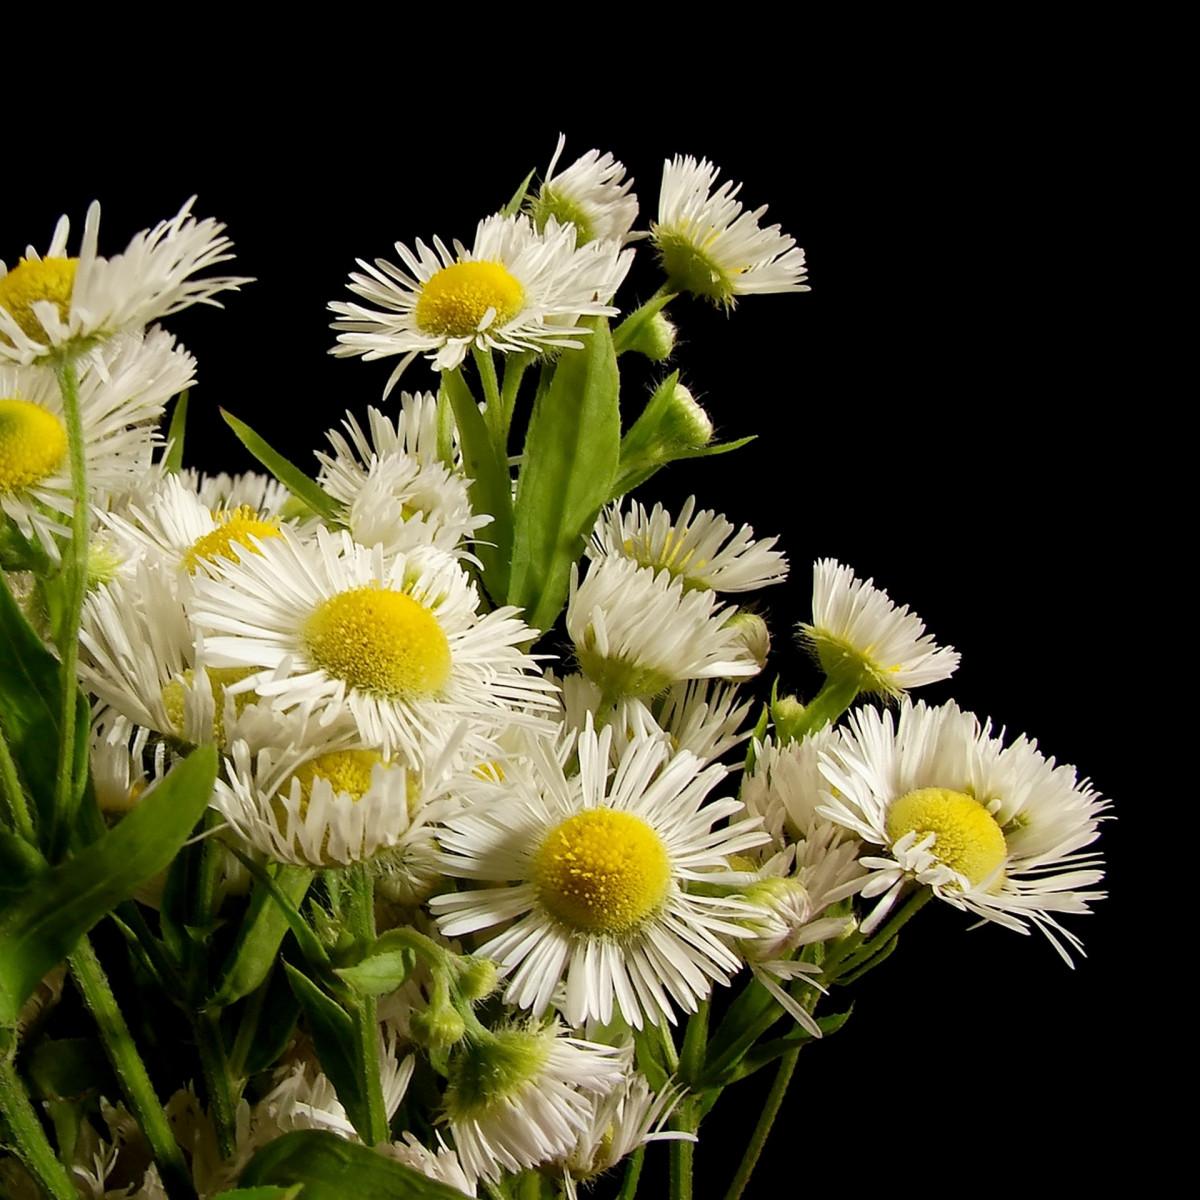 Images Gratuites La Nature Branche Fleur Bois Blanc Petale